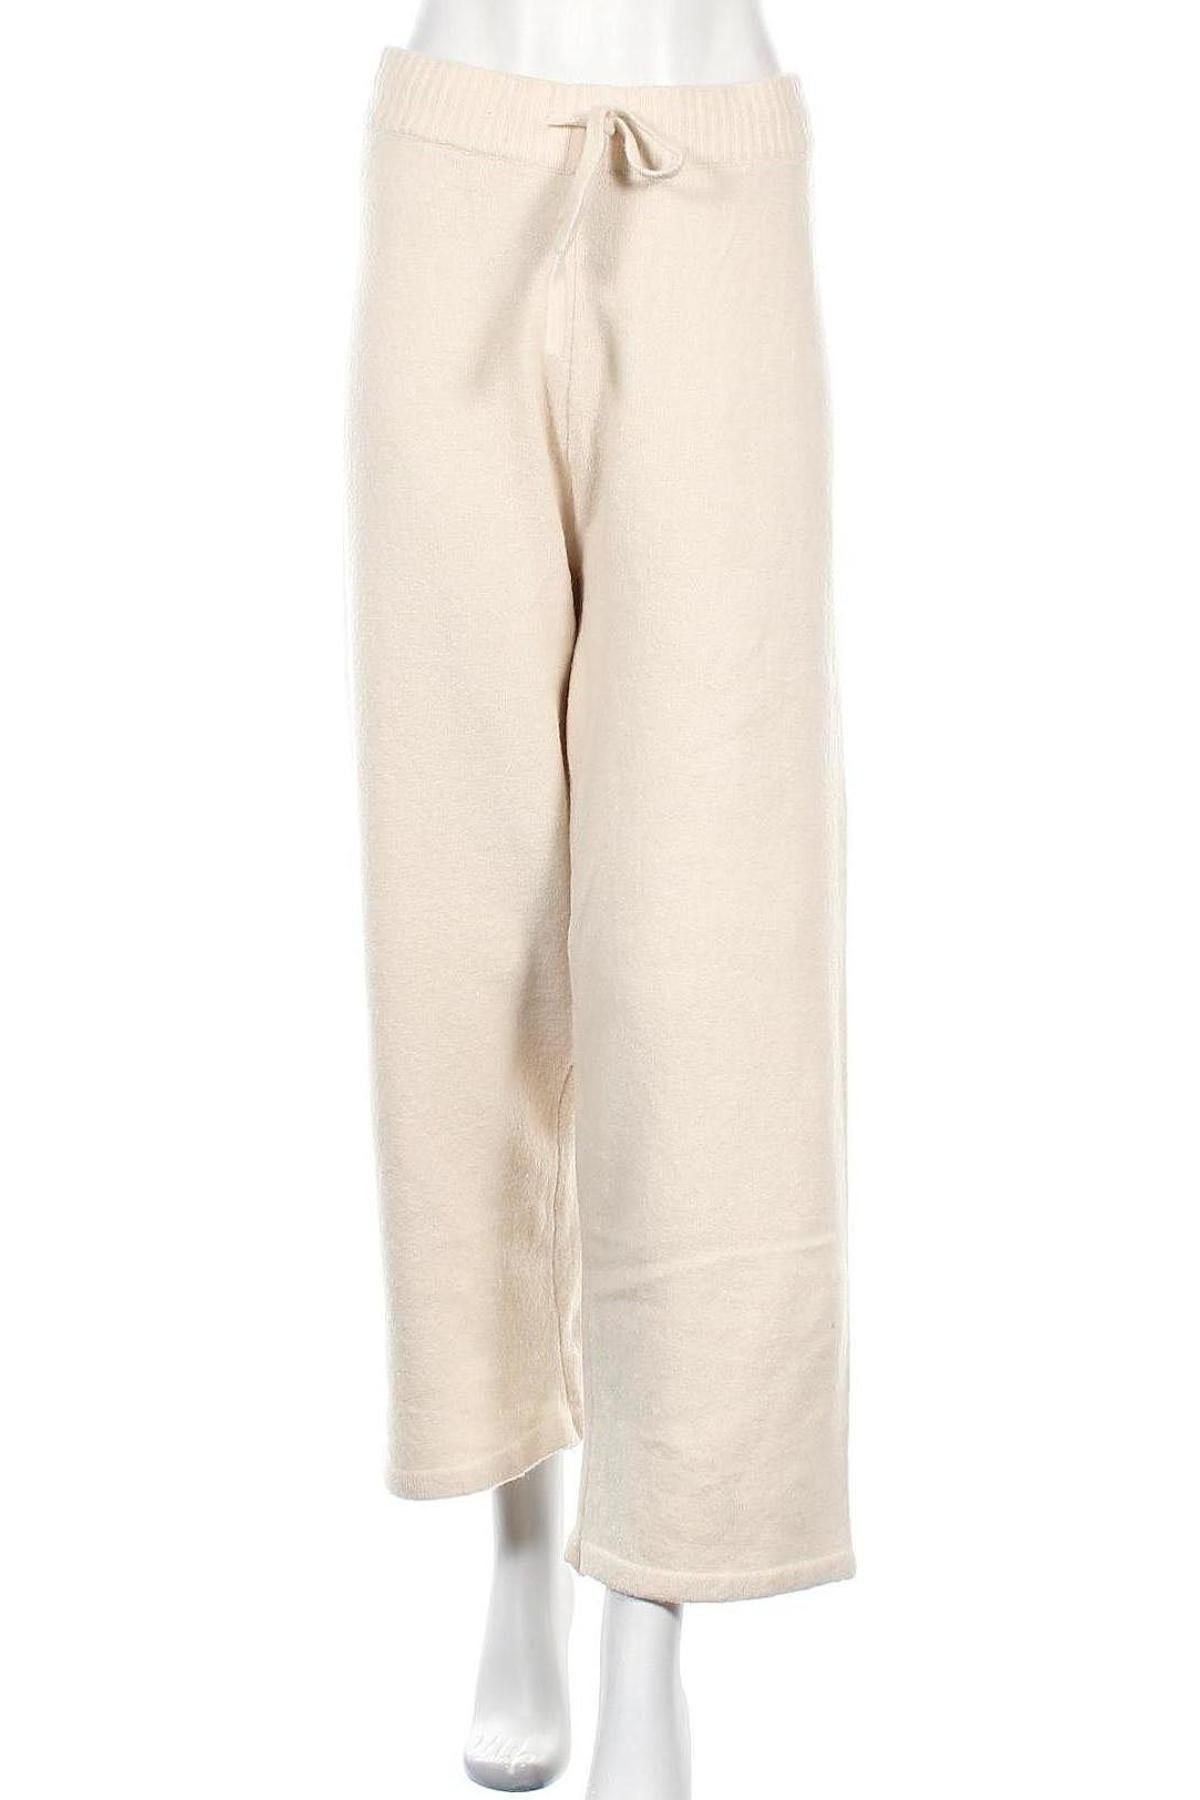 Дамски панталон Monki, Размер M, Цвят Бежов, 53% полиестер, 37% акрил, 5% вълна, 5% еластан, Цена 24,32лв.